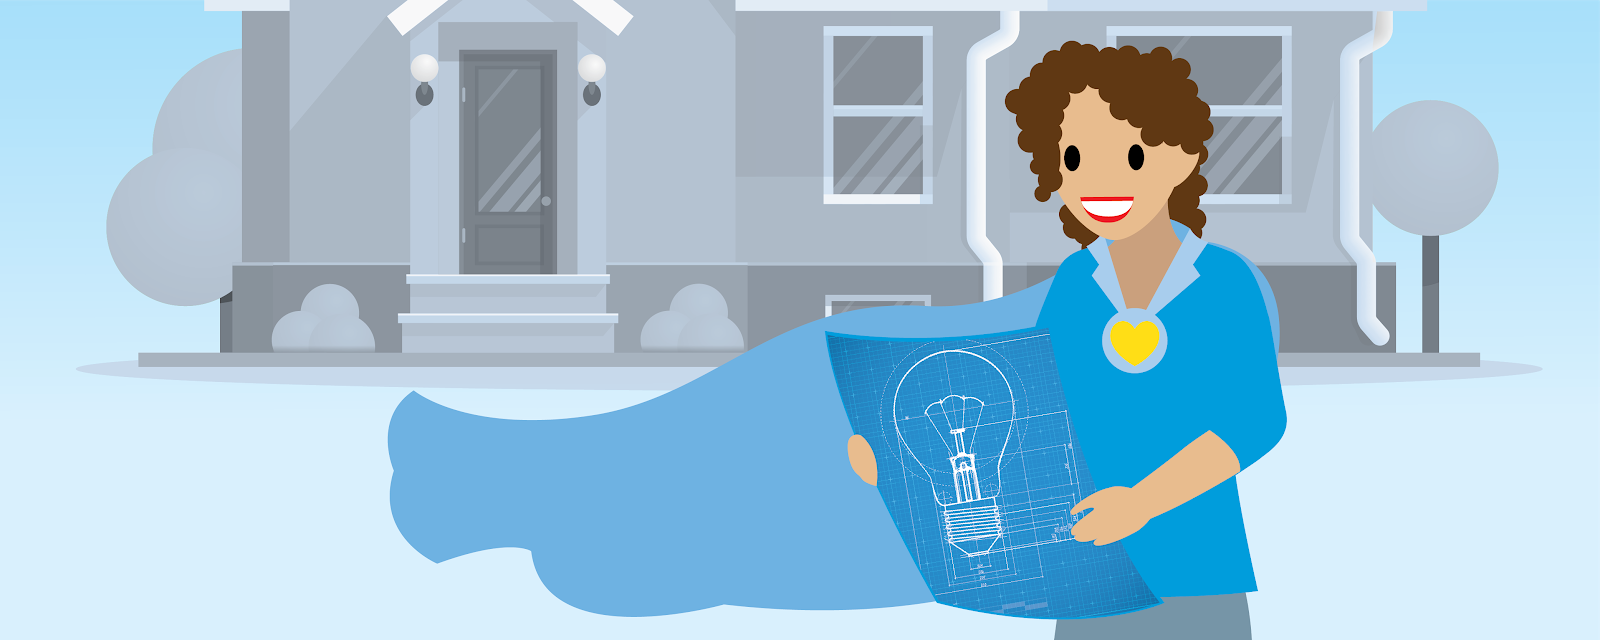 マントを身に付け、住宅を背景に設計図を見ている女性の図。